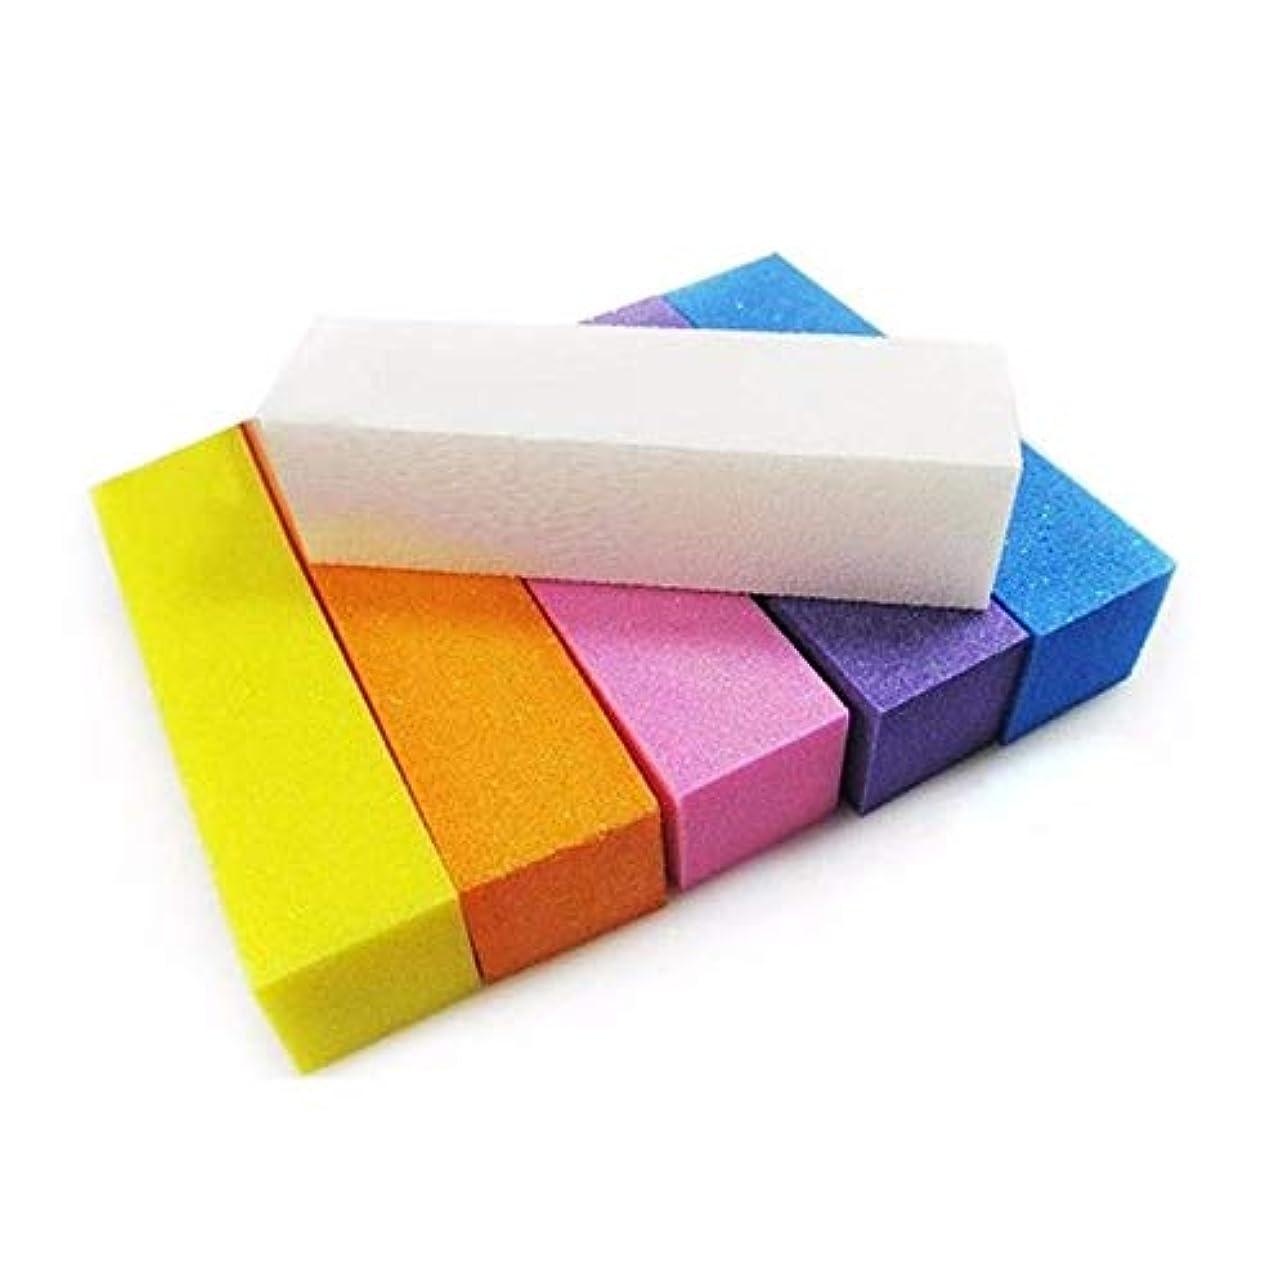 上に築きますエスカレート想起ネイルブロック バフ研磨 パッドブロック バフ用具 メイクツール 研磨ブロック バフ用具 マニキュアペディキュアケアツール (3個)